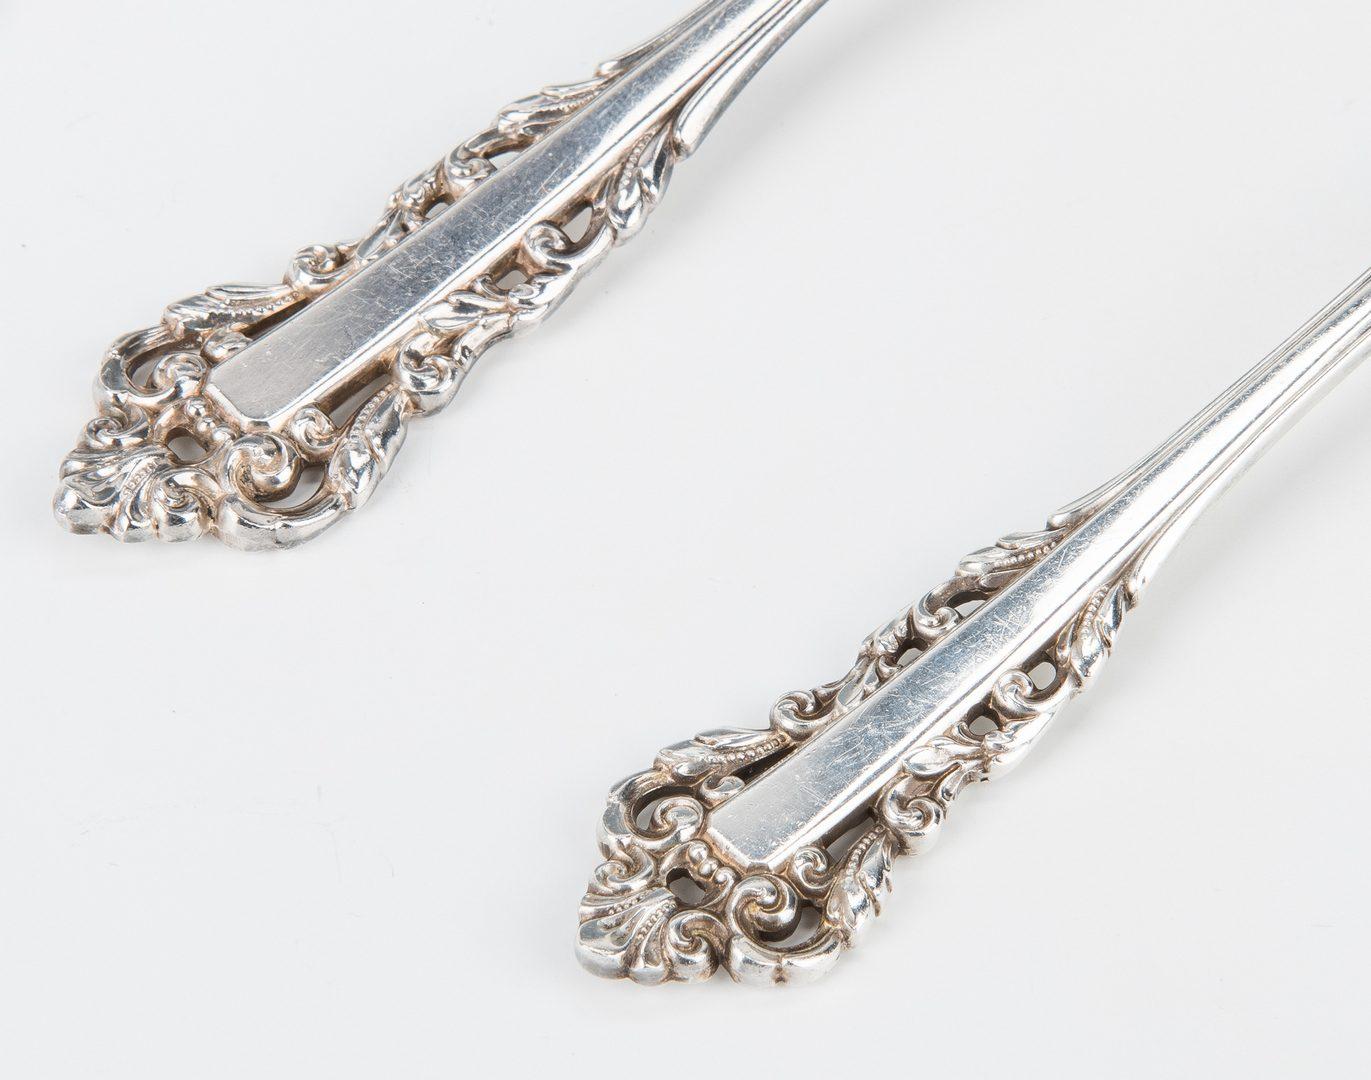 Lot 708: 43 pcs. Gorham Medici Sterling Silver Flatware